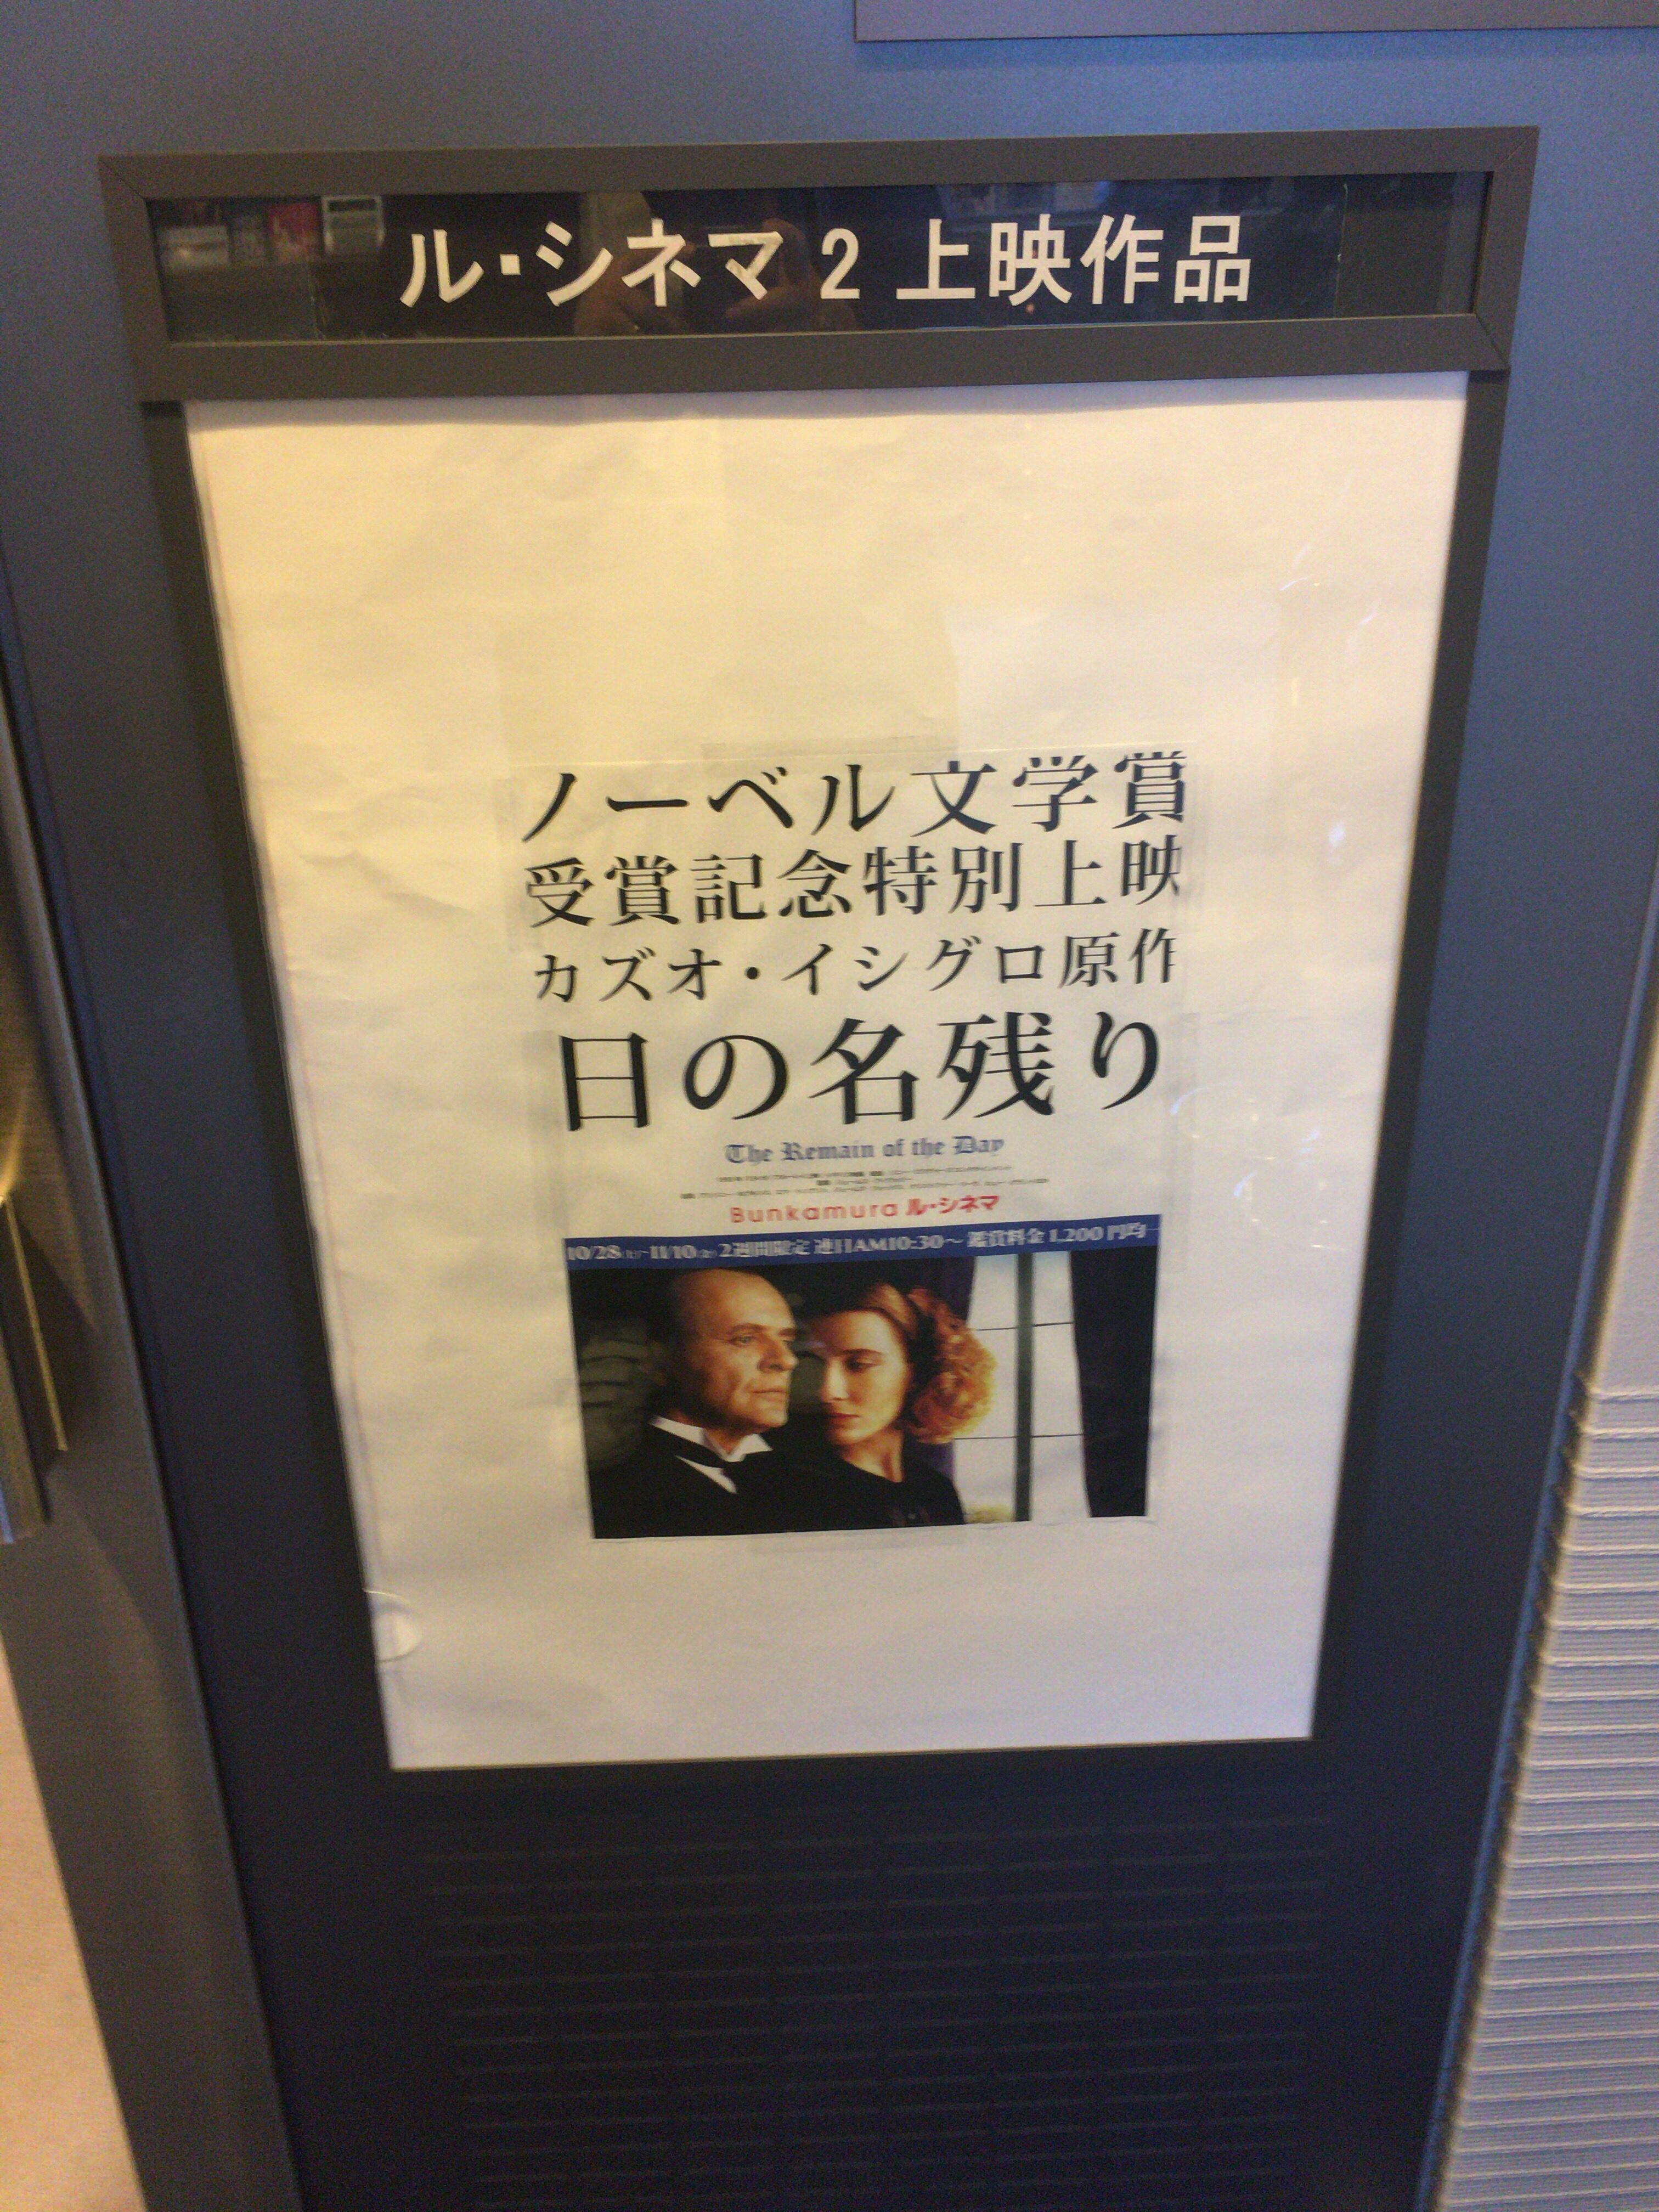 カズオ・イシグロ「日の名残り」11/3まで渋谷Bunkamuraで上映中